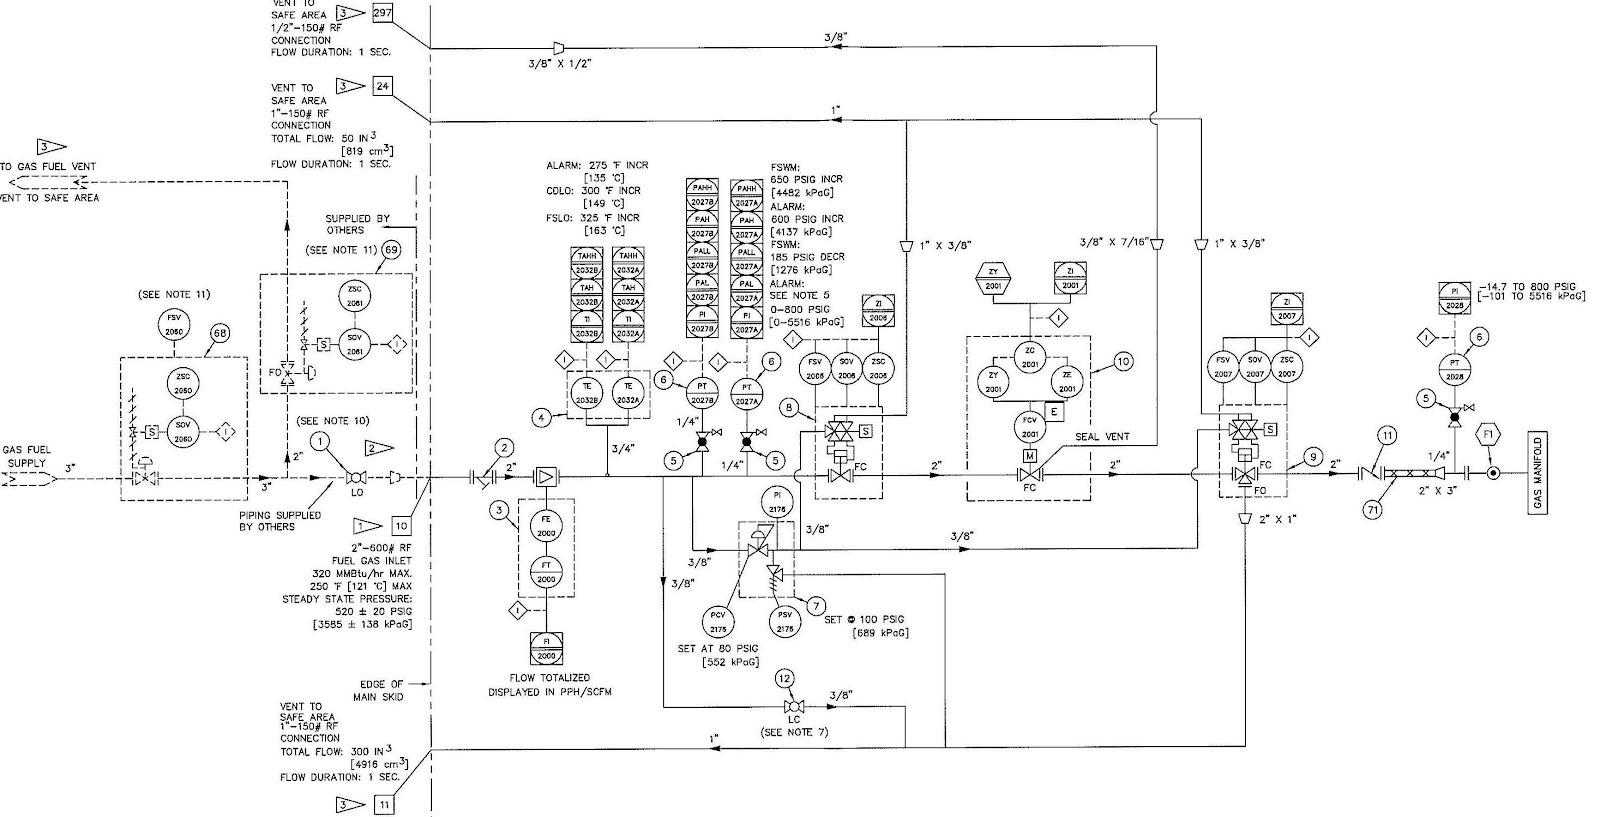 2012 ford focu wiring harnes